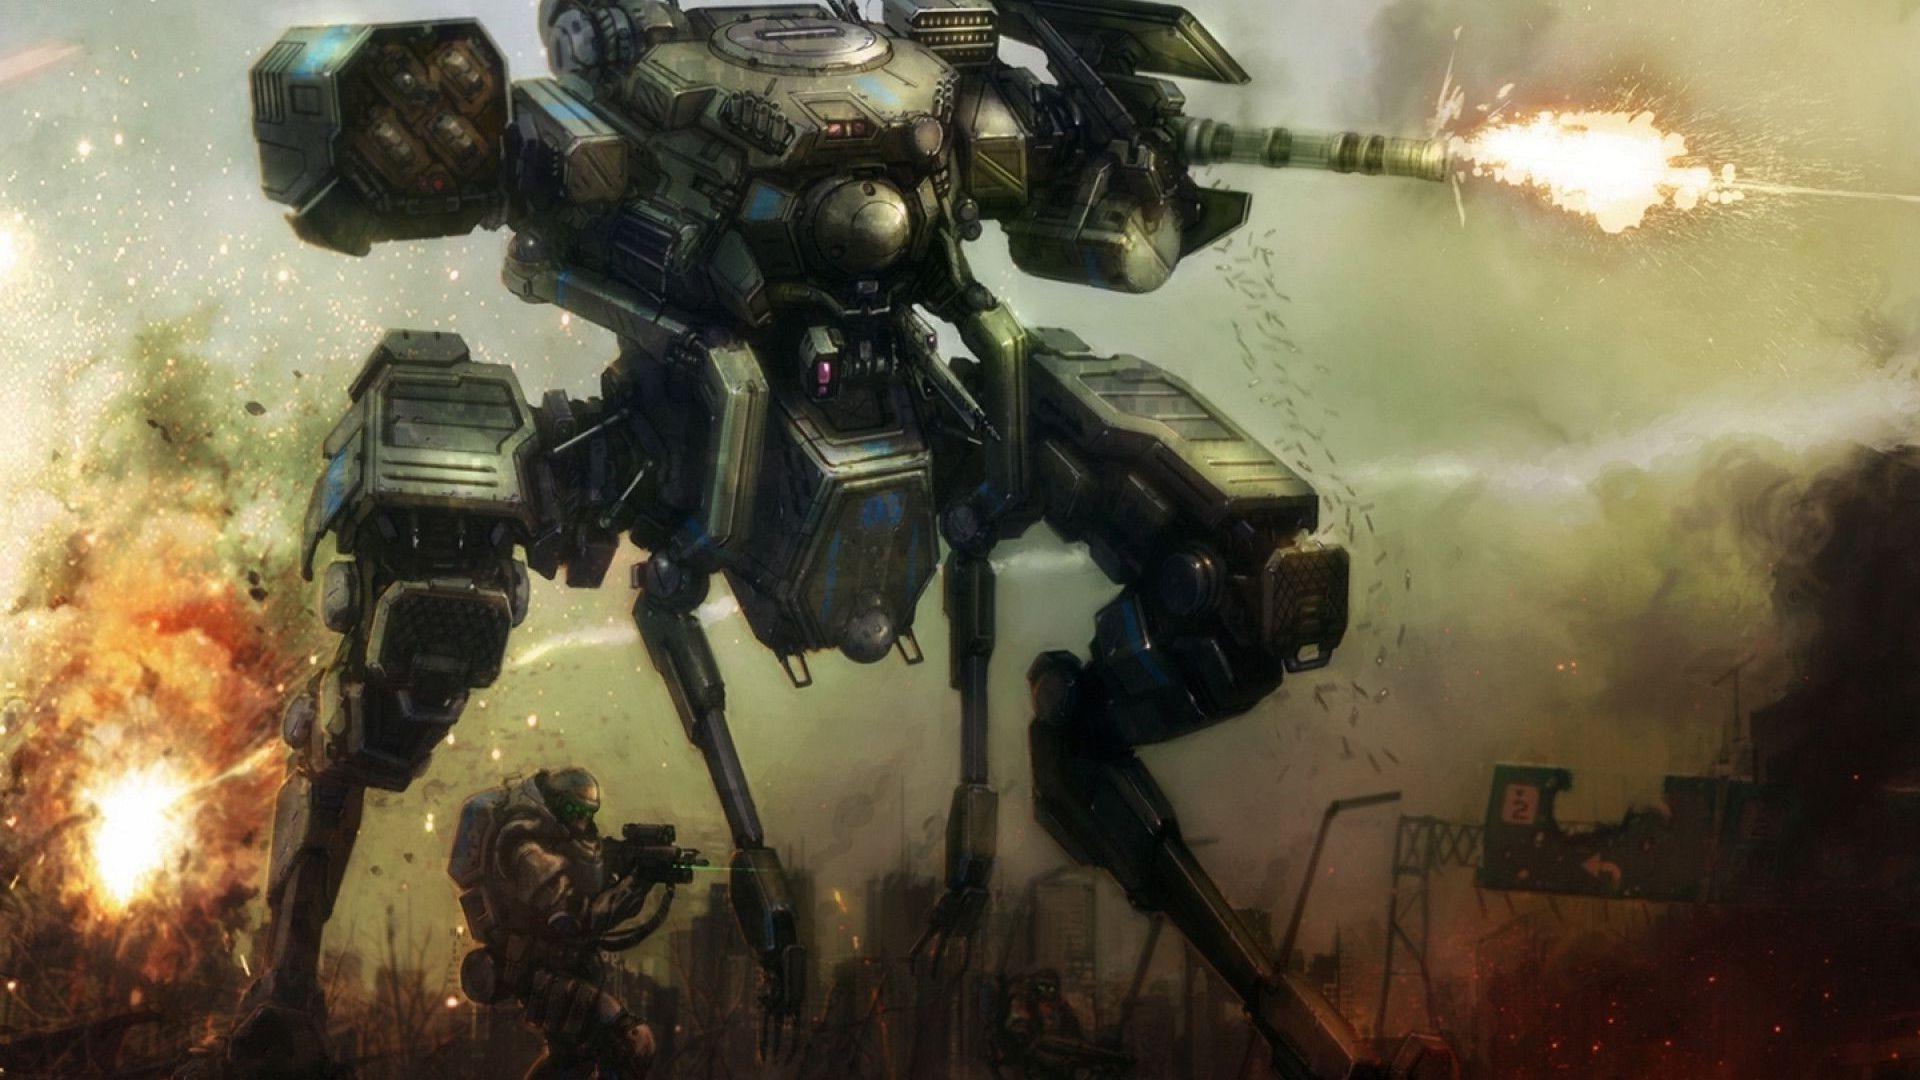 artwork, Fantasy Art, Mech, Robot, Soldier, War, Concept Art